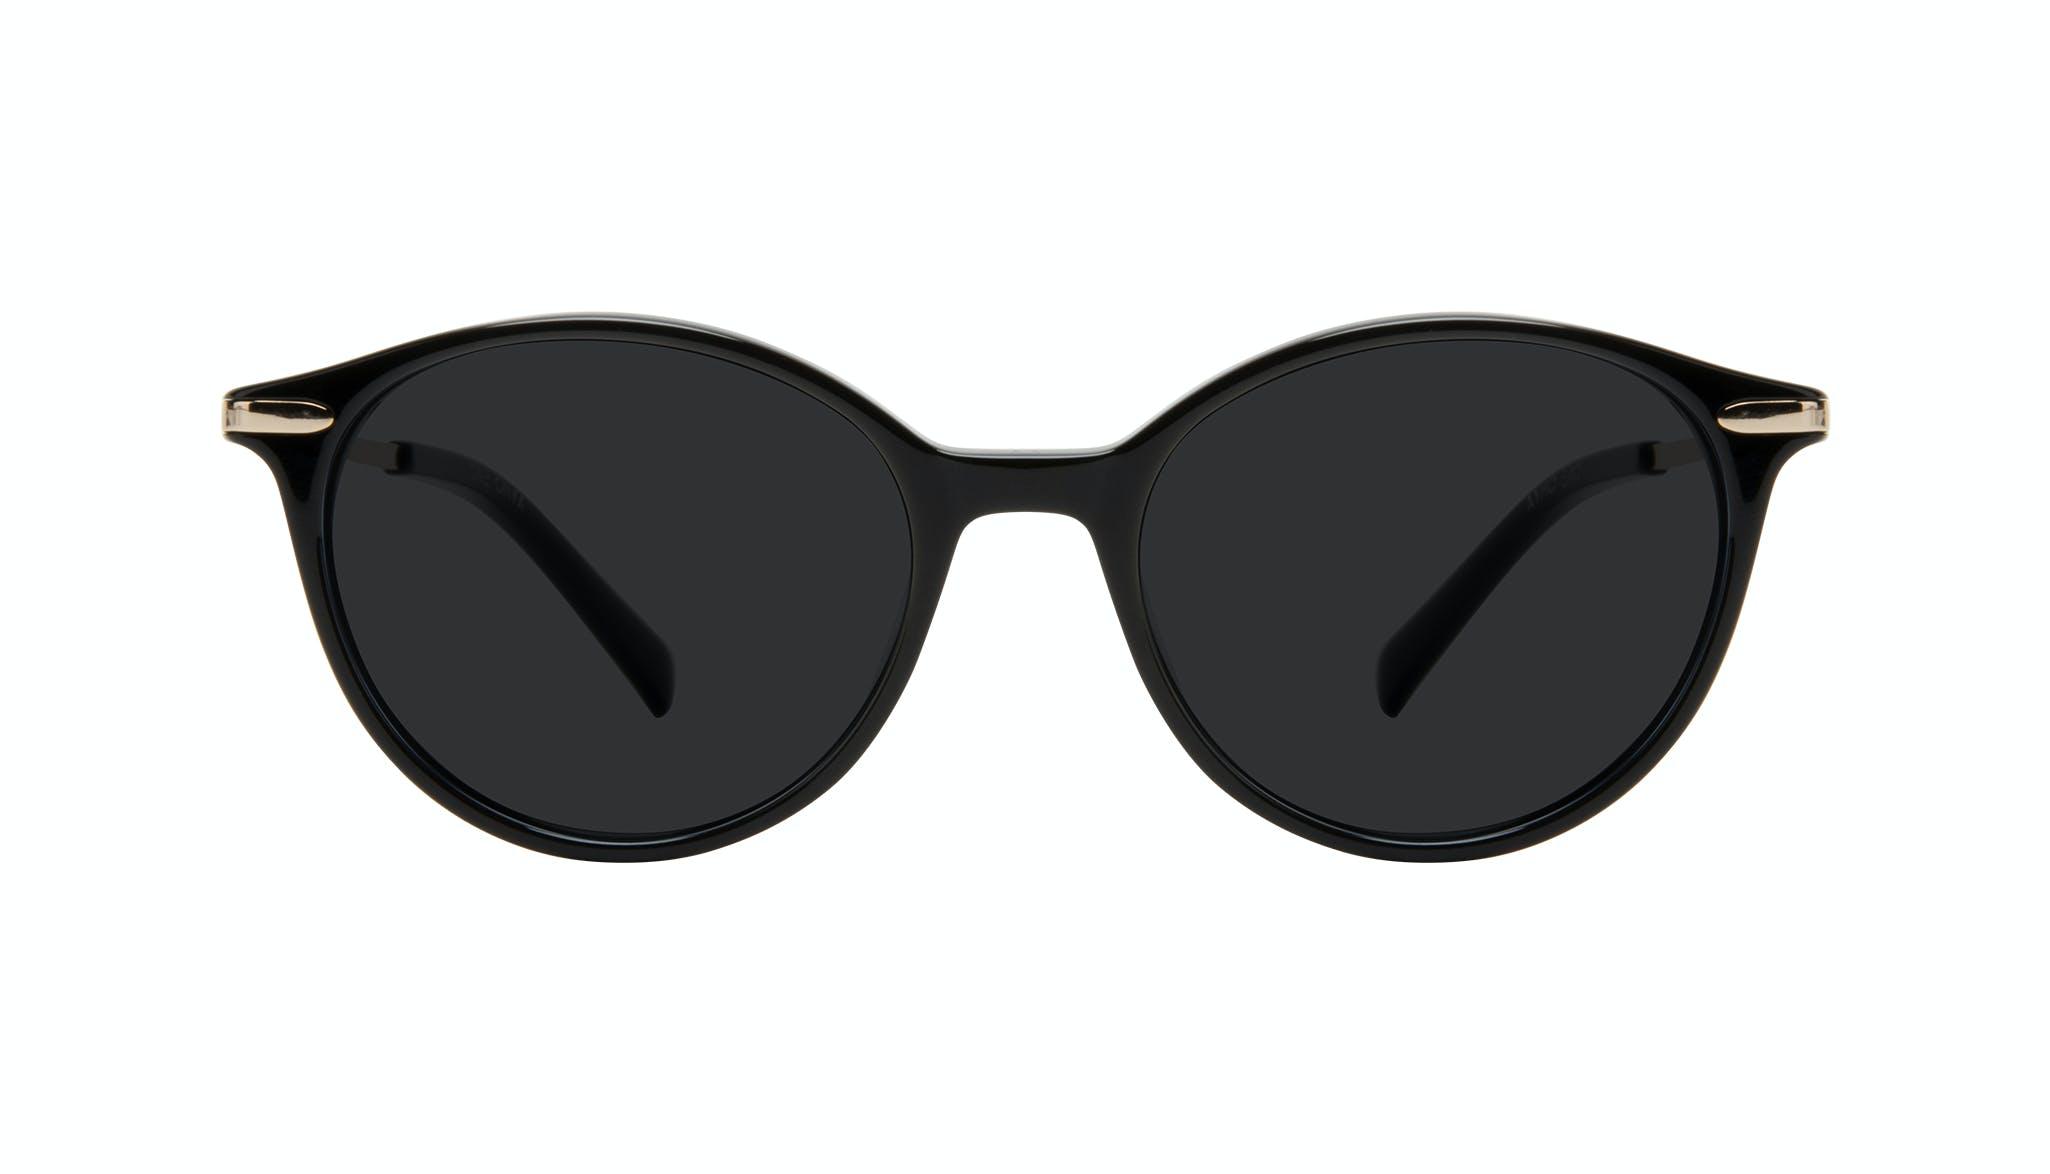 Lunettes tendance Ronde Lunettes de soleil Femmes One Onyx Face